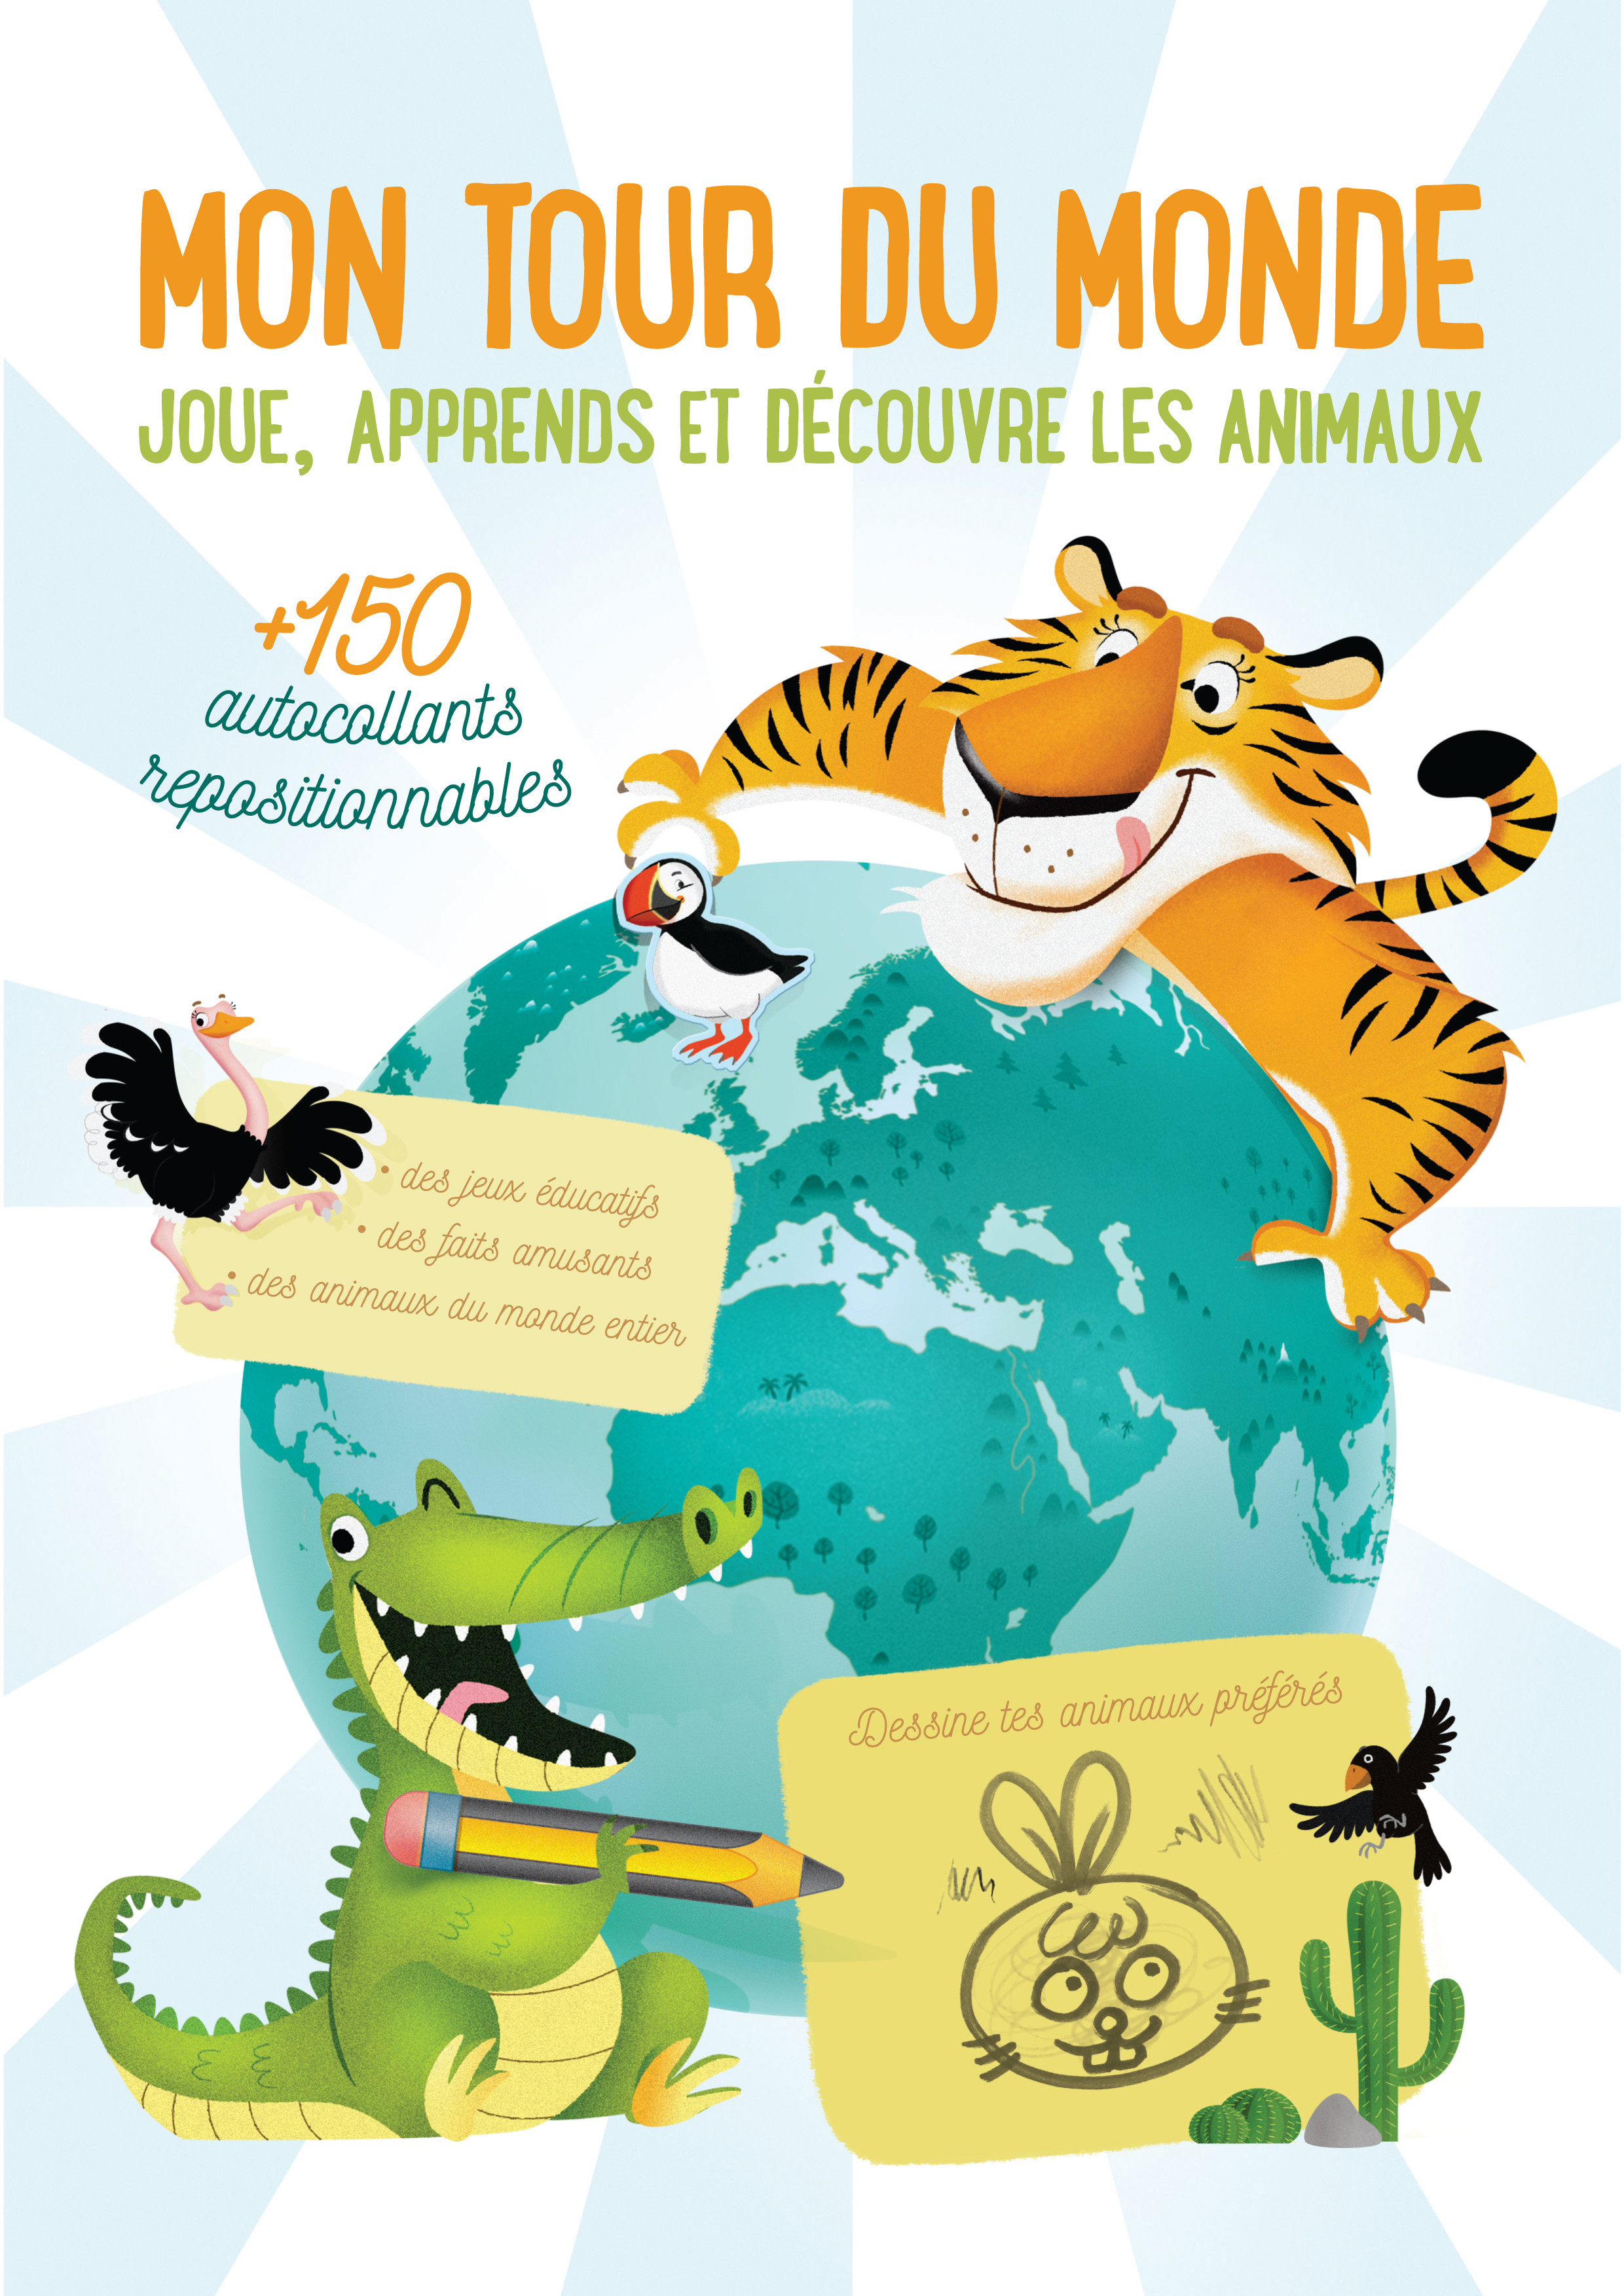 TOUR DU MONDE JOUE APPRENDS ET DECOUVRE LES ANIMAUX (MON)